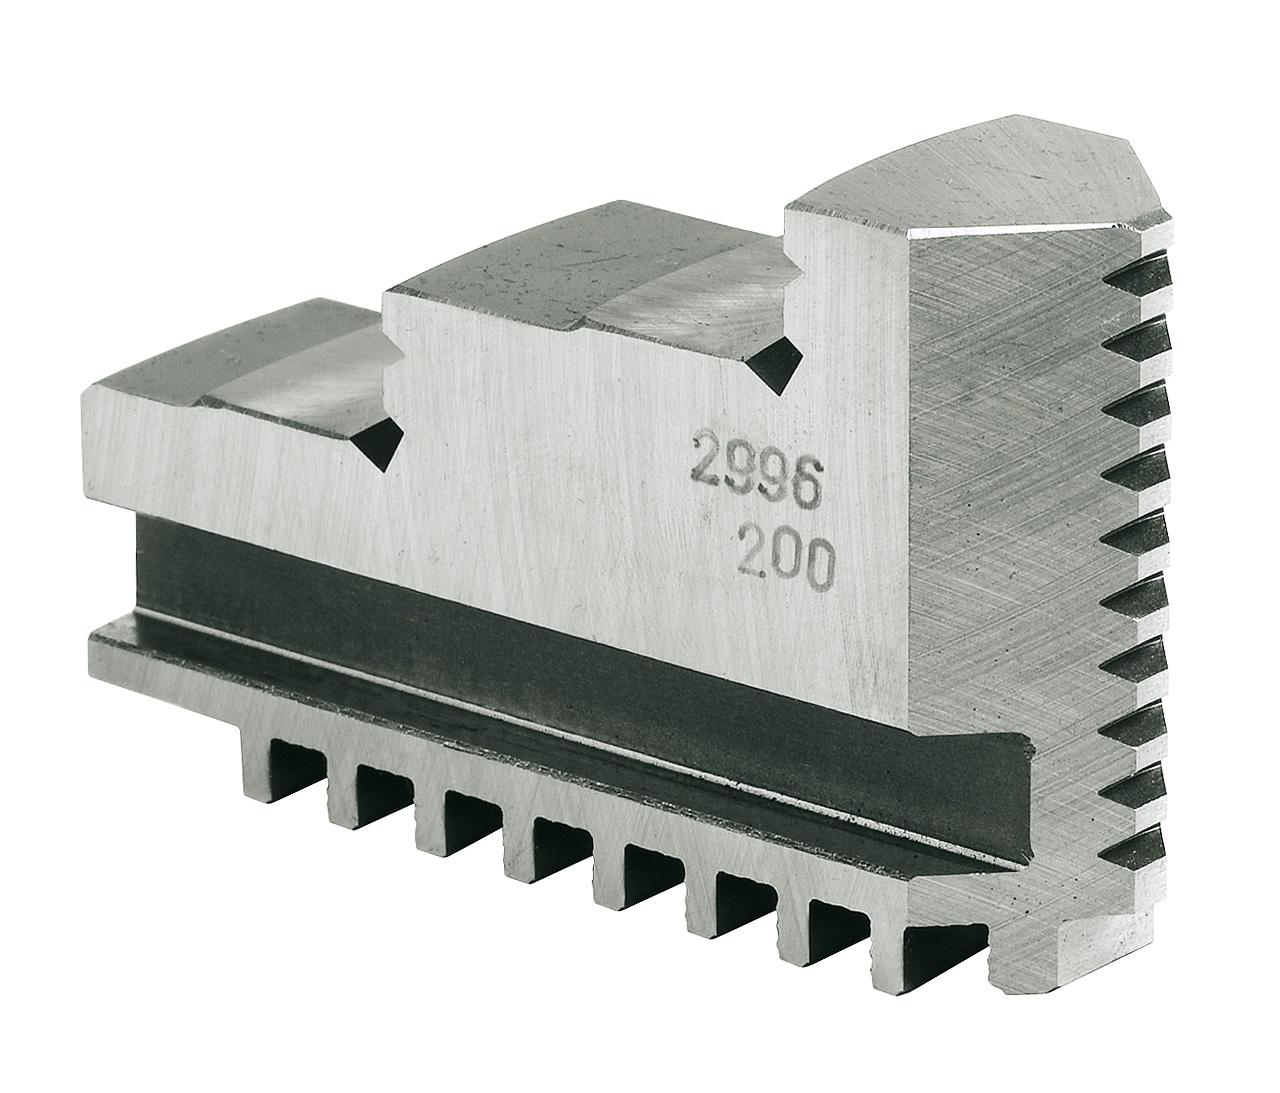 Szczęki jednolite twarde zewnętrzne - komplet OJ-PS3-100 BERNARDO